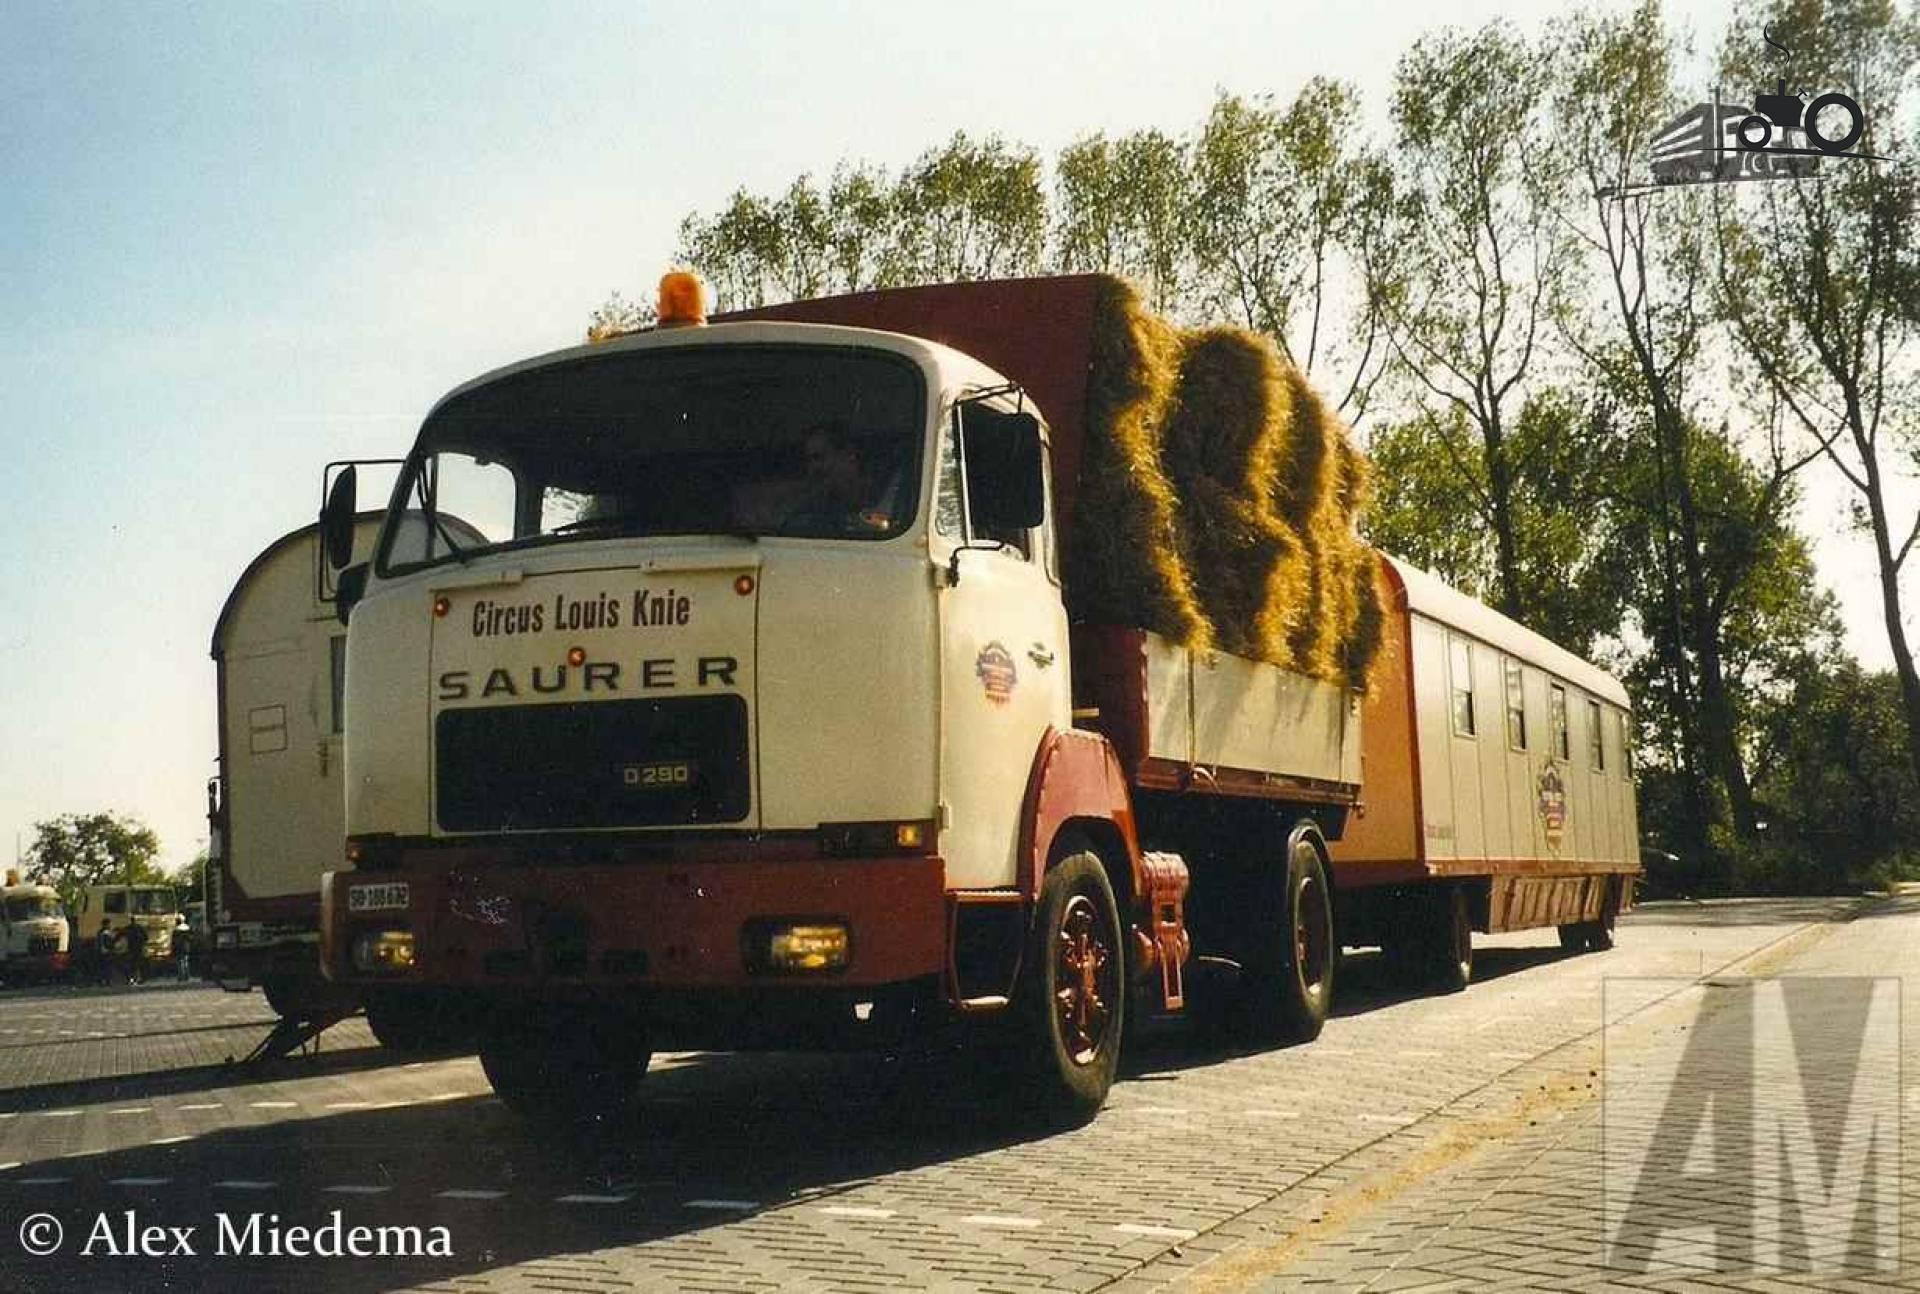 Saurer D290